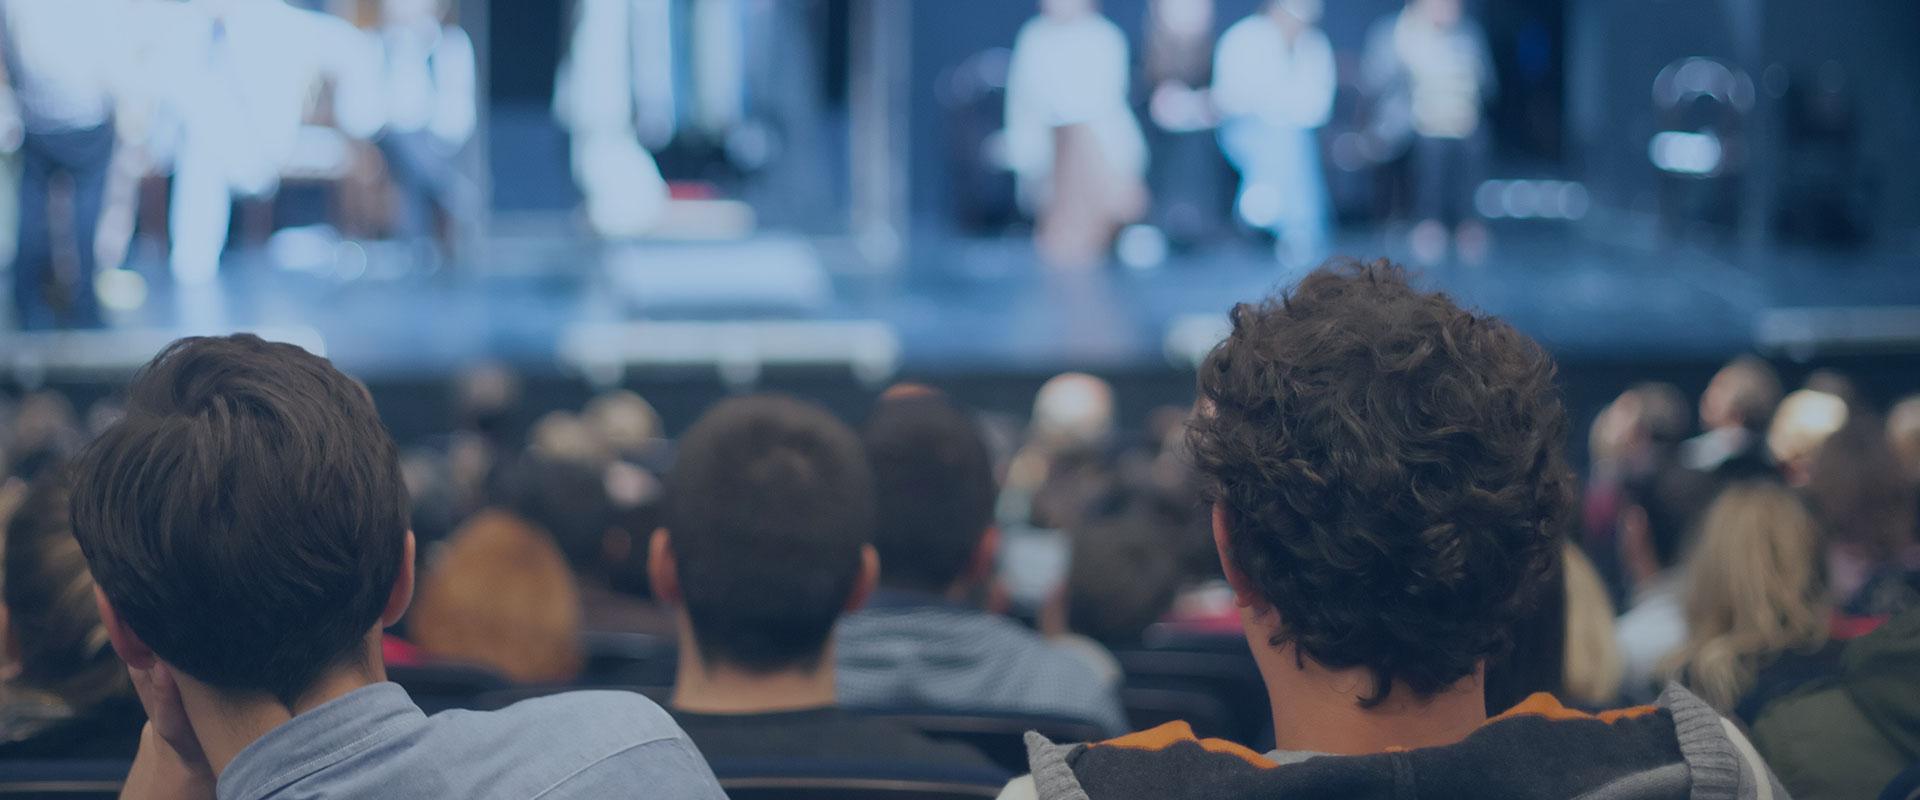 Capa banner-01.jpg - Seguro de Resp. Civil para Eventos